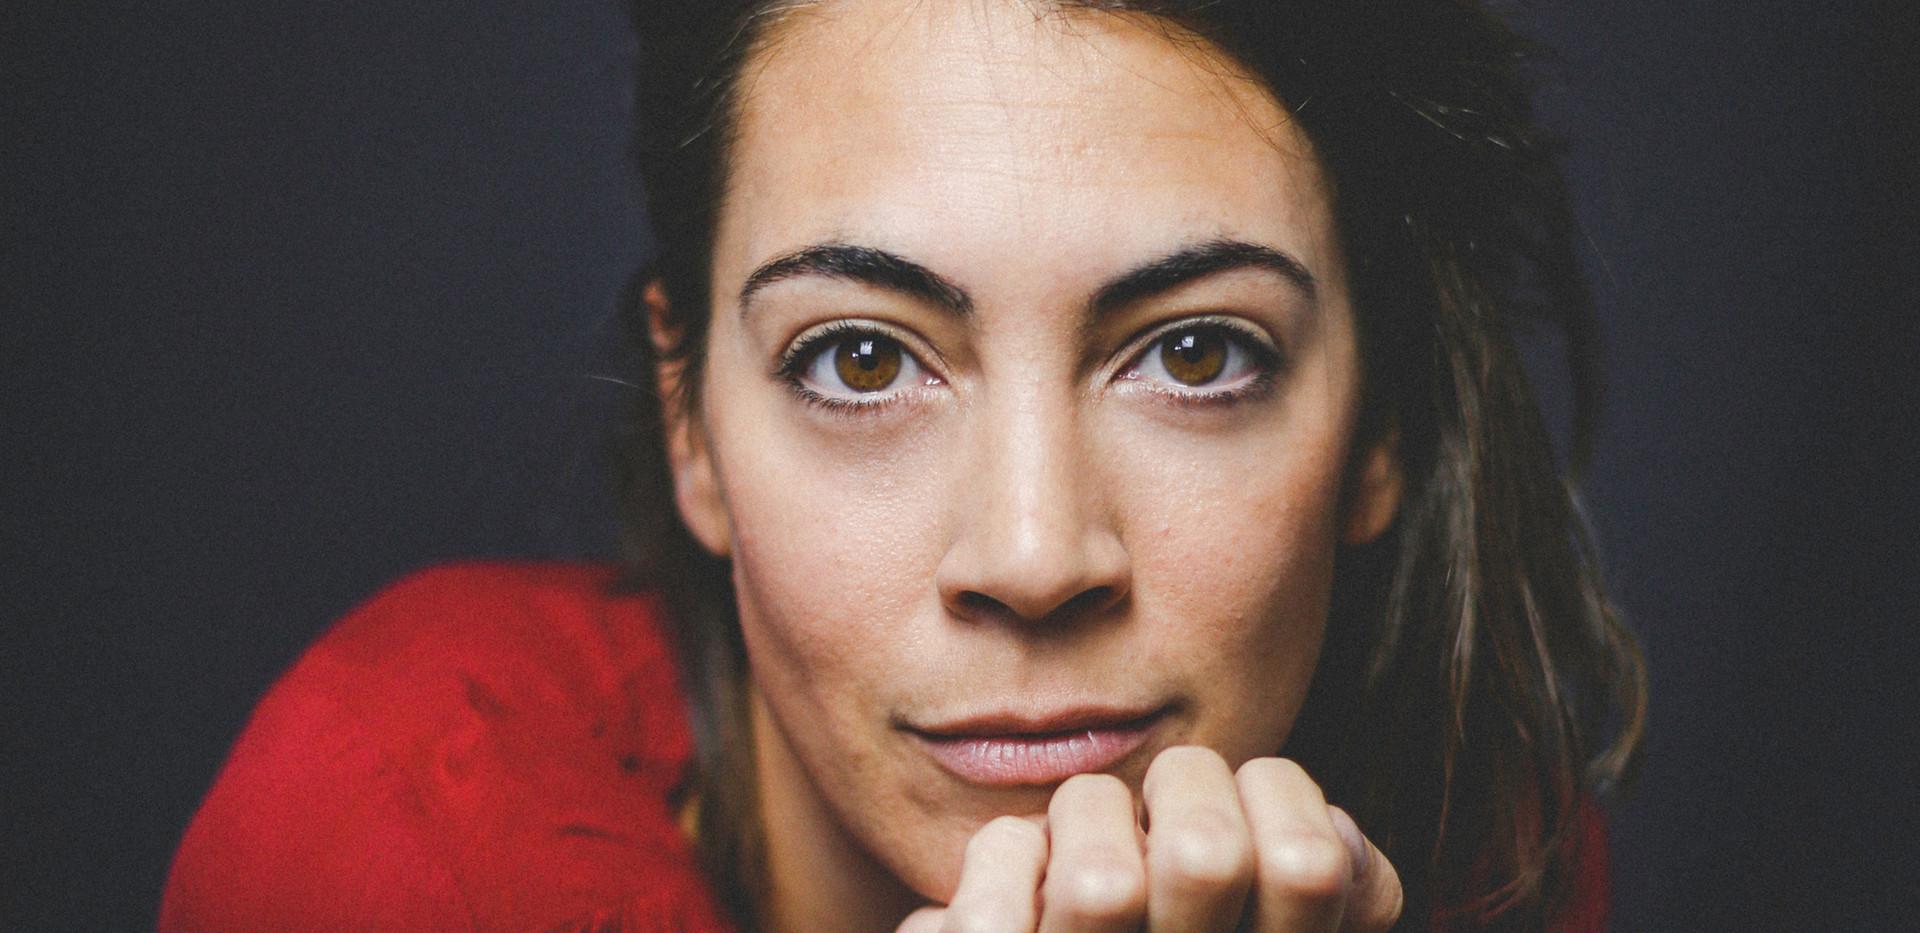 Bárbara Rivas 1 by Asier Corera